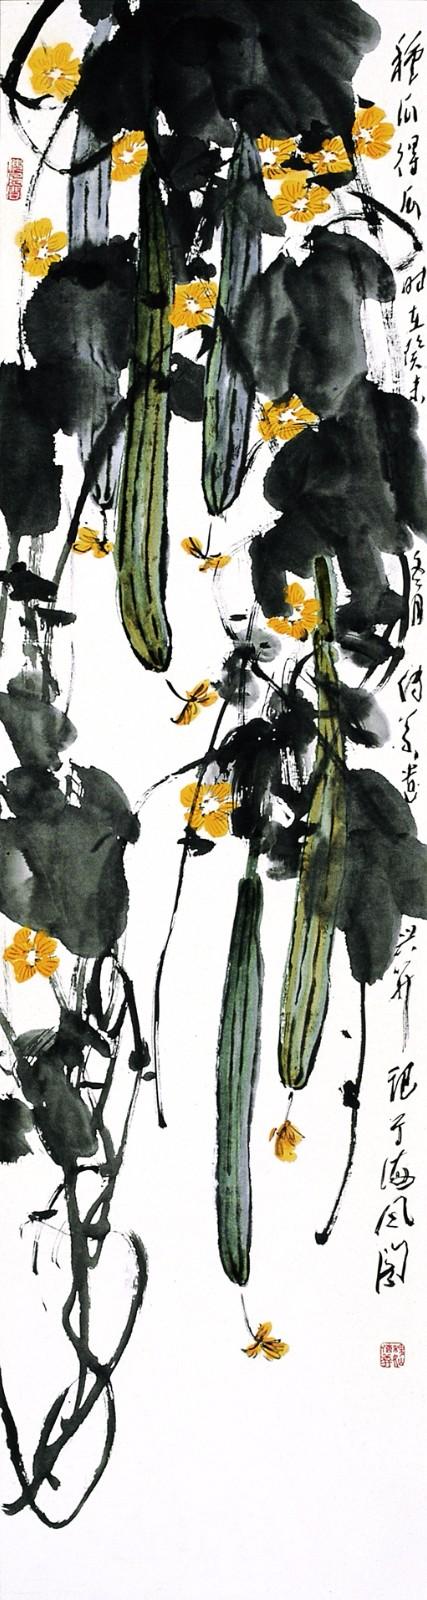 中国书画 国画 名家画 > 《五条屏-丝瓜》图片